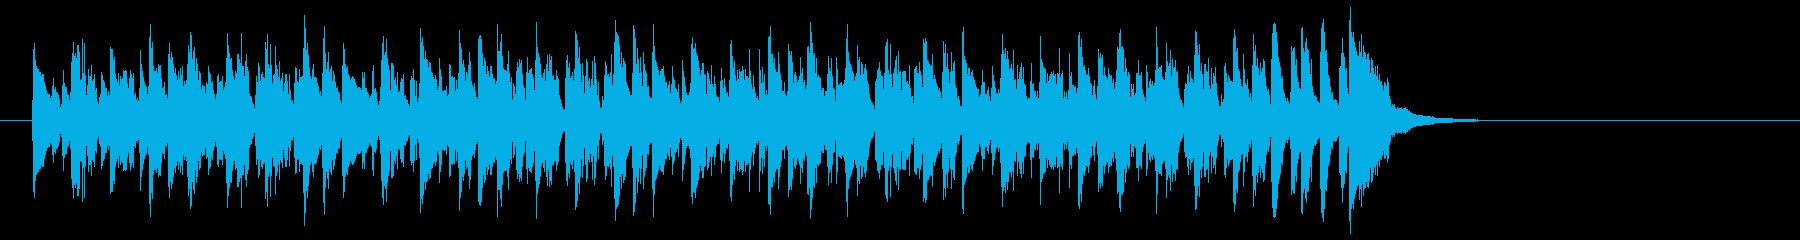 ワールド系サンバ風BGM(イントロ)の再生済みの波形